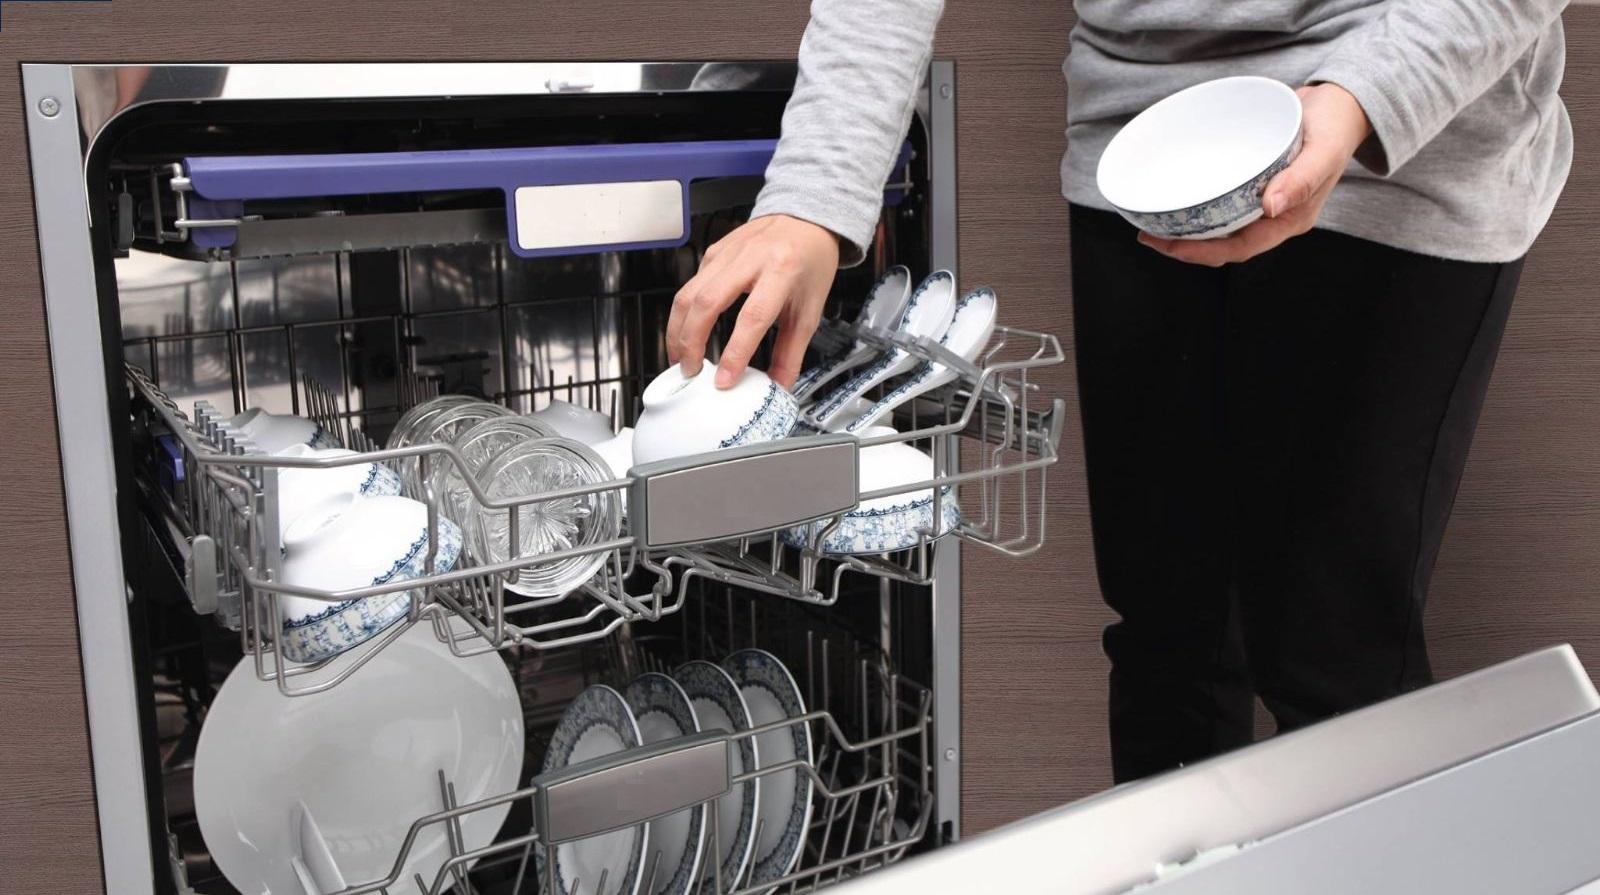 Hạn chế lấy bát đĩa ra trước khi chương trình rửa chưa kết thúc